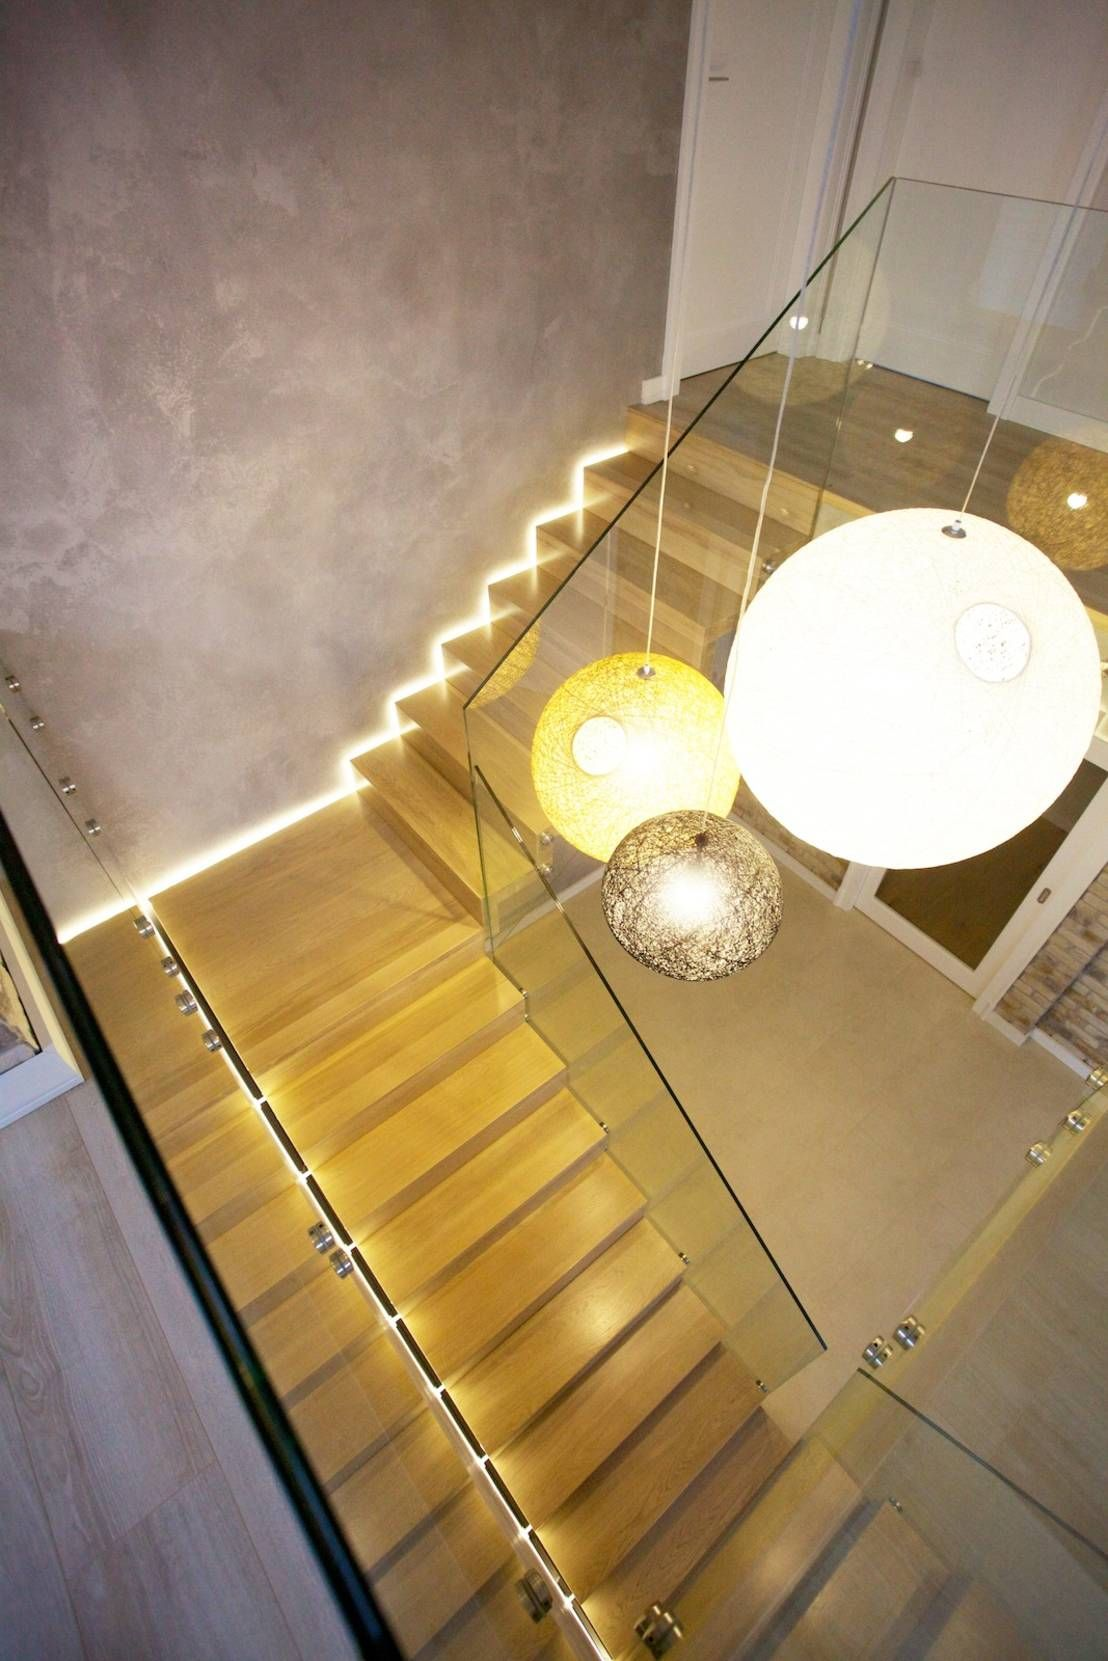 Hängele Treppenhaus flurbeleuchtung deluxe fantastische lichtquellen im überblick